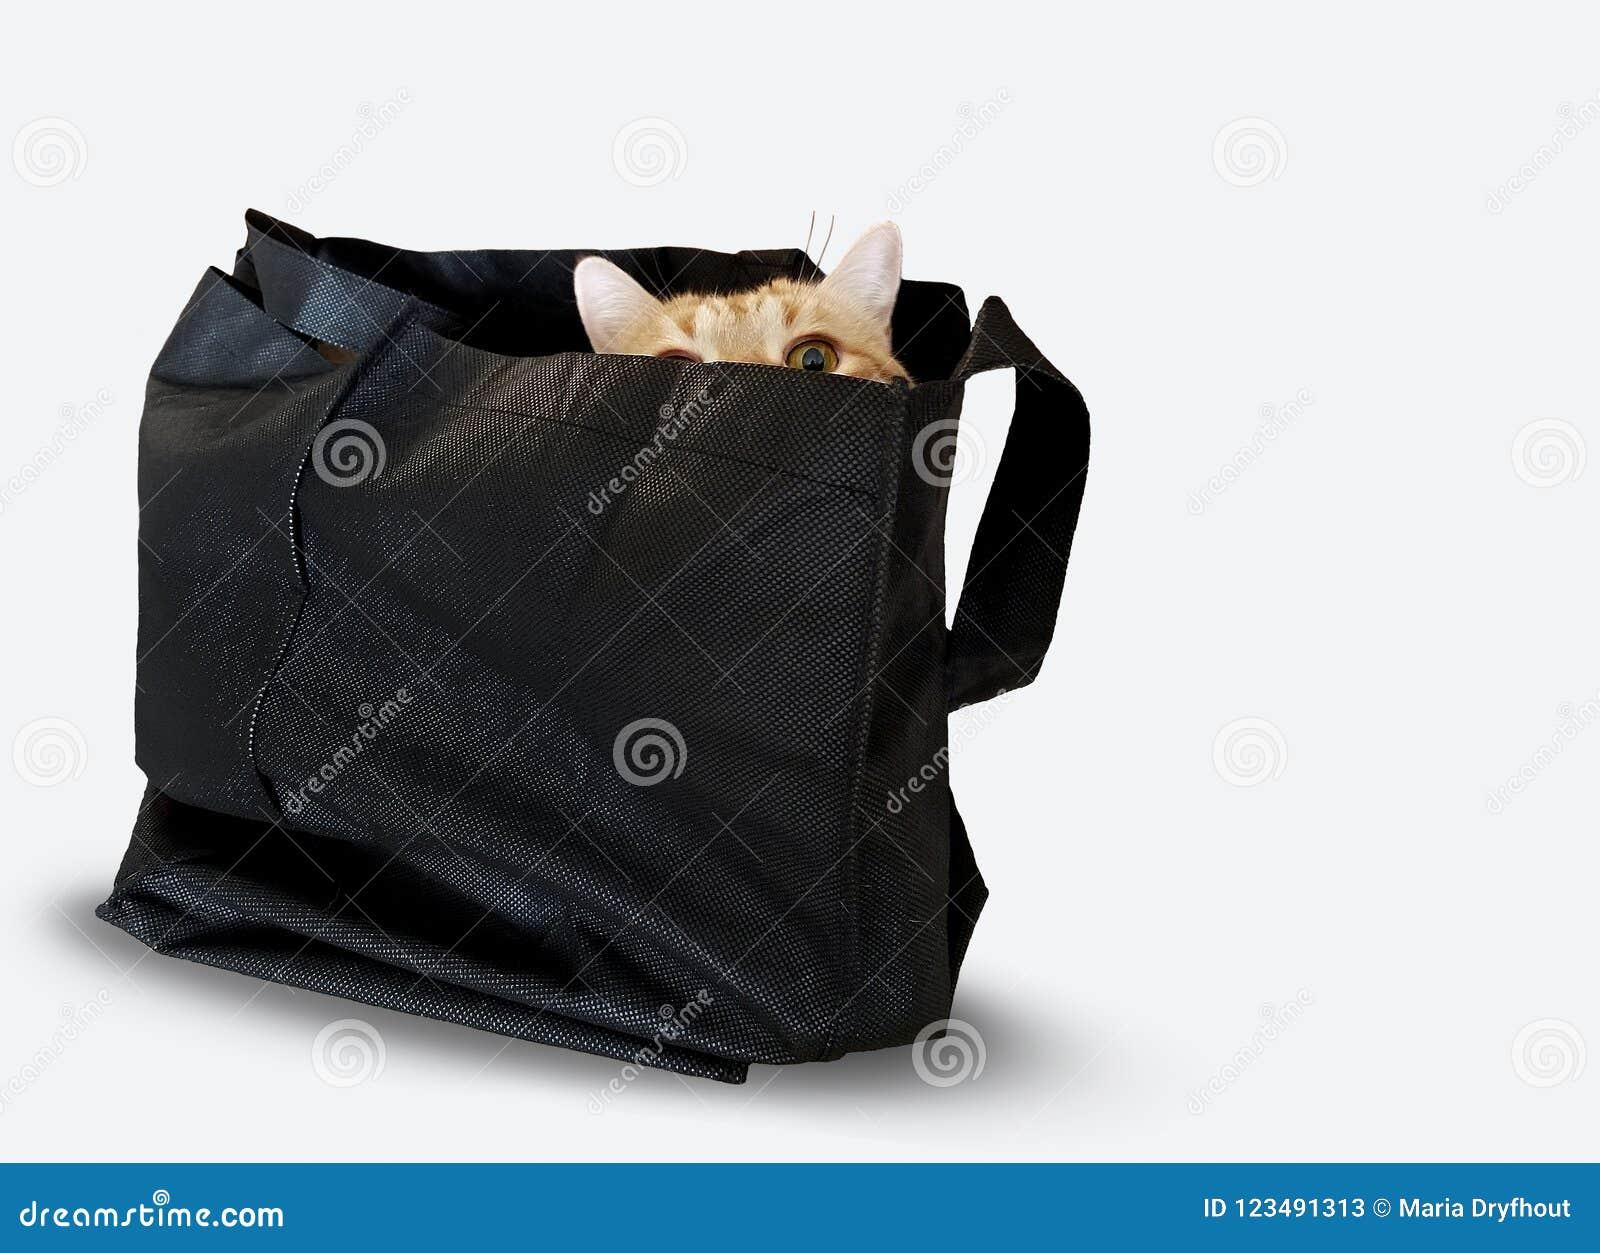 Τιγρέ γάτα στο μαύρο σάκο στο λευκό